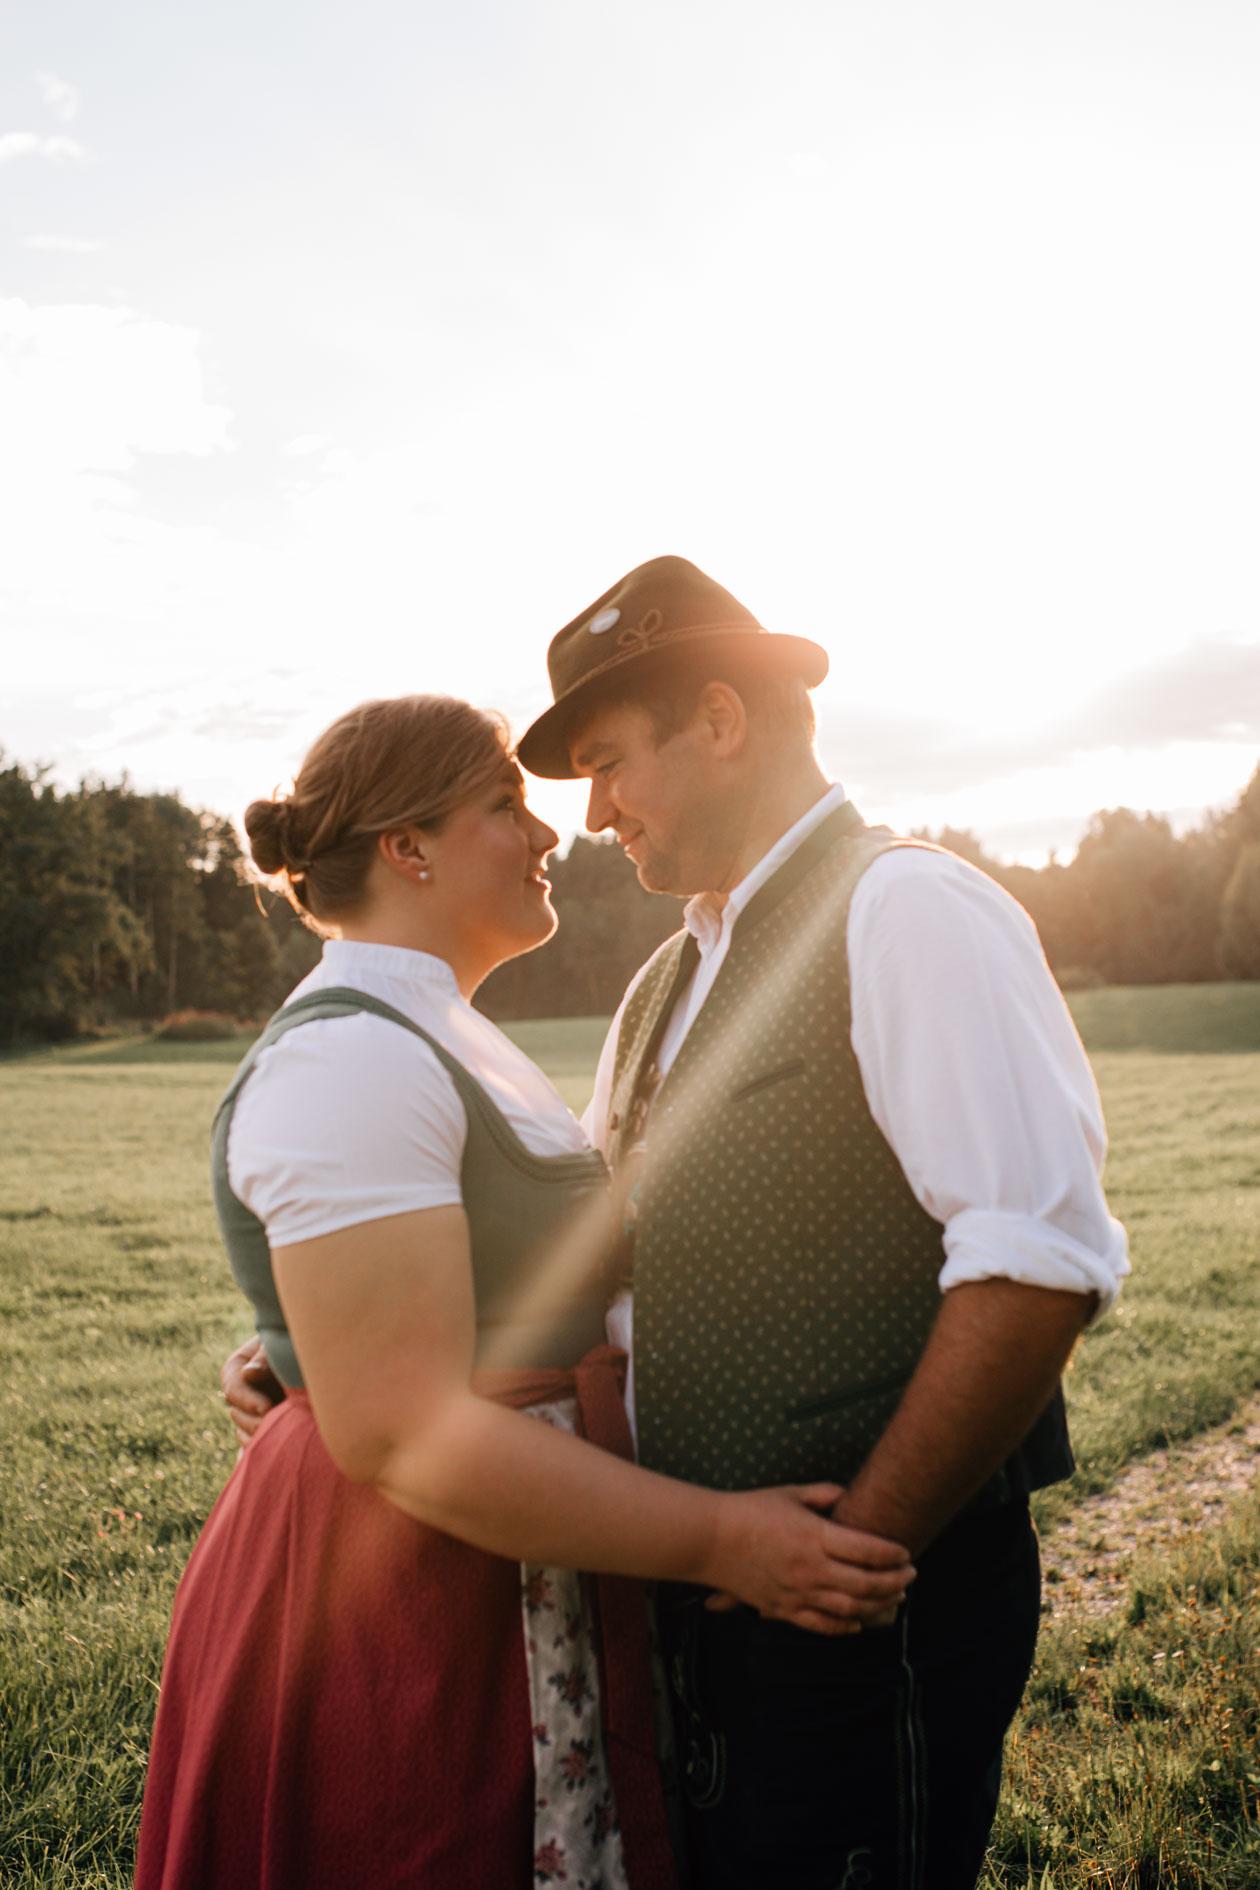 Paarbilder im Sonnenuntergang mit zukünftigem Brautpaar 2022